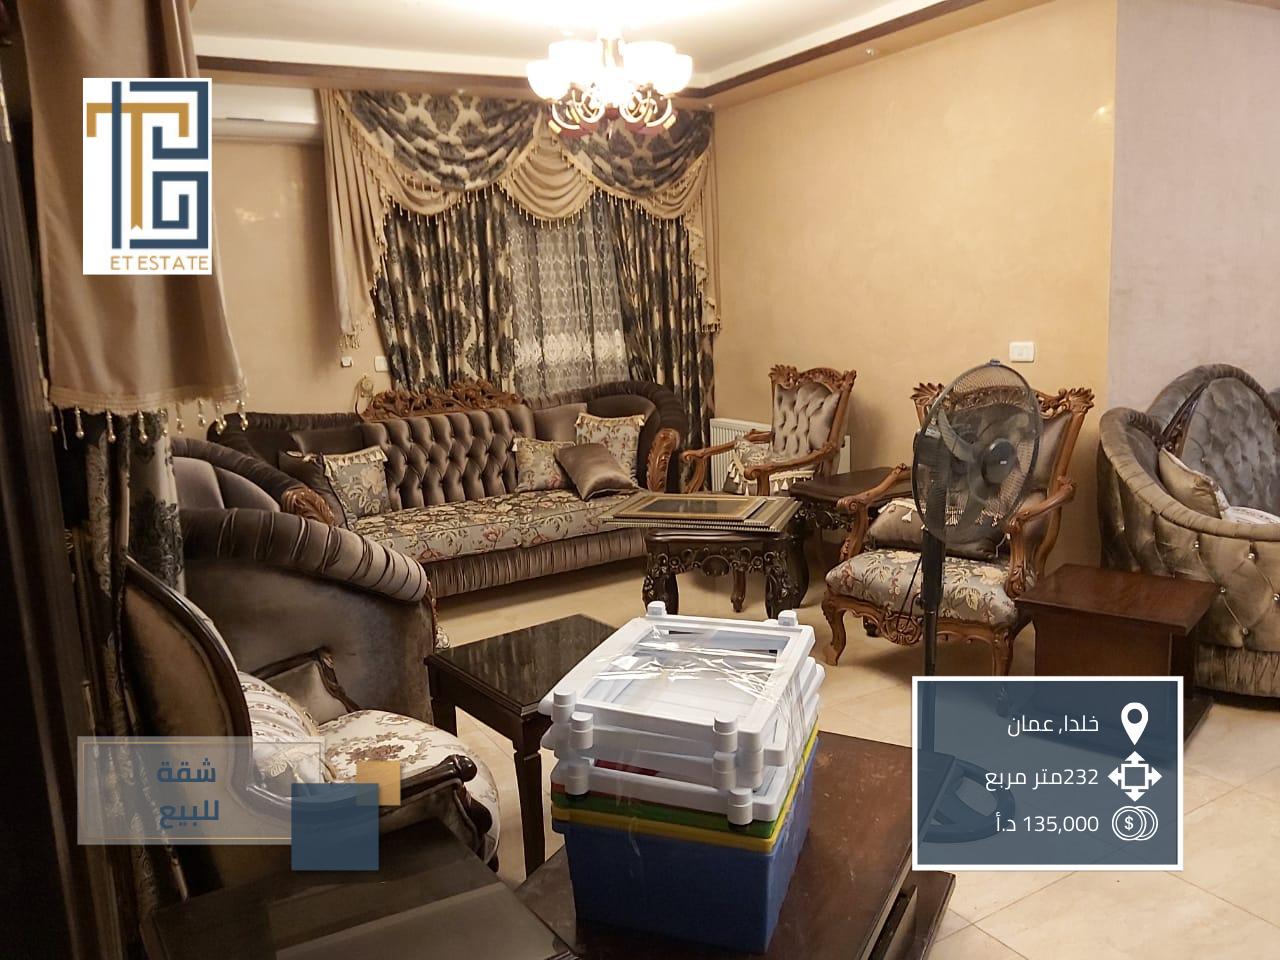 شقة للبيع في خلدا عمان